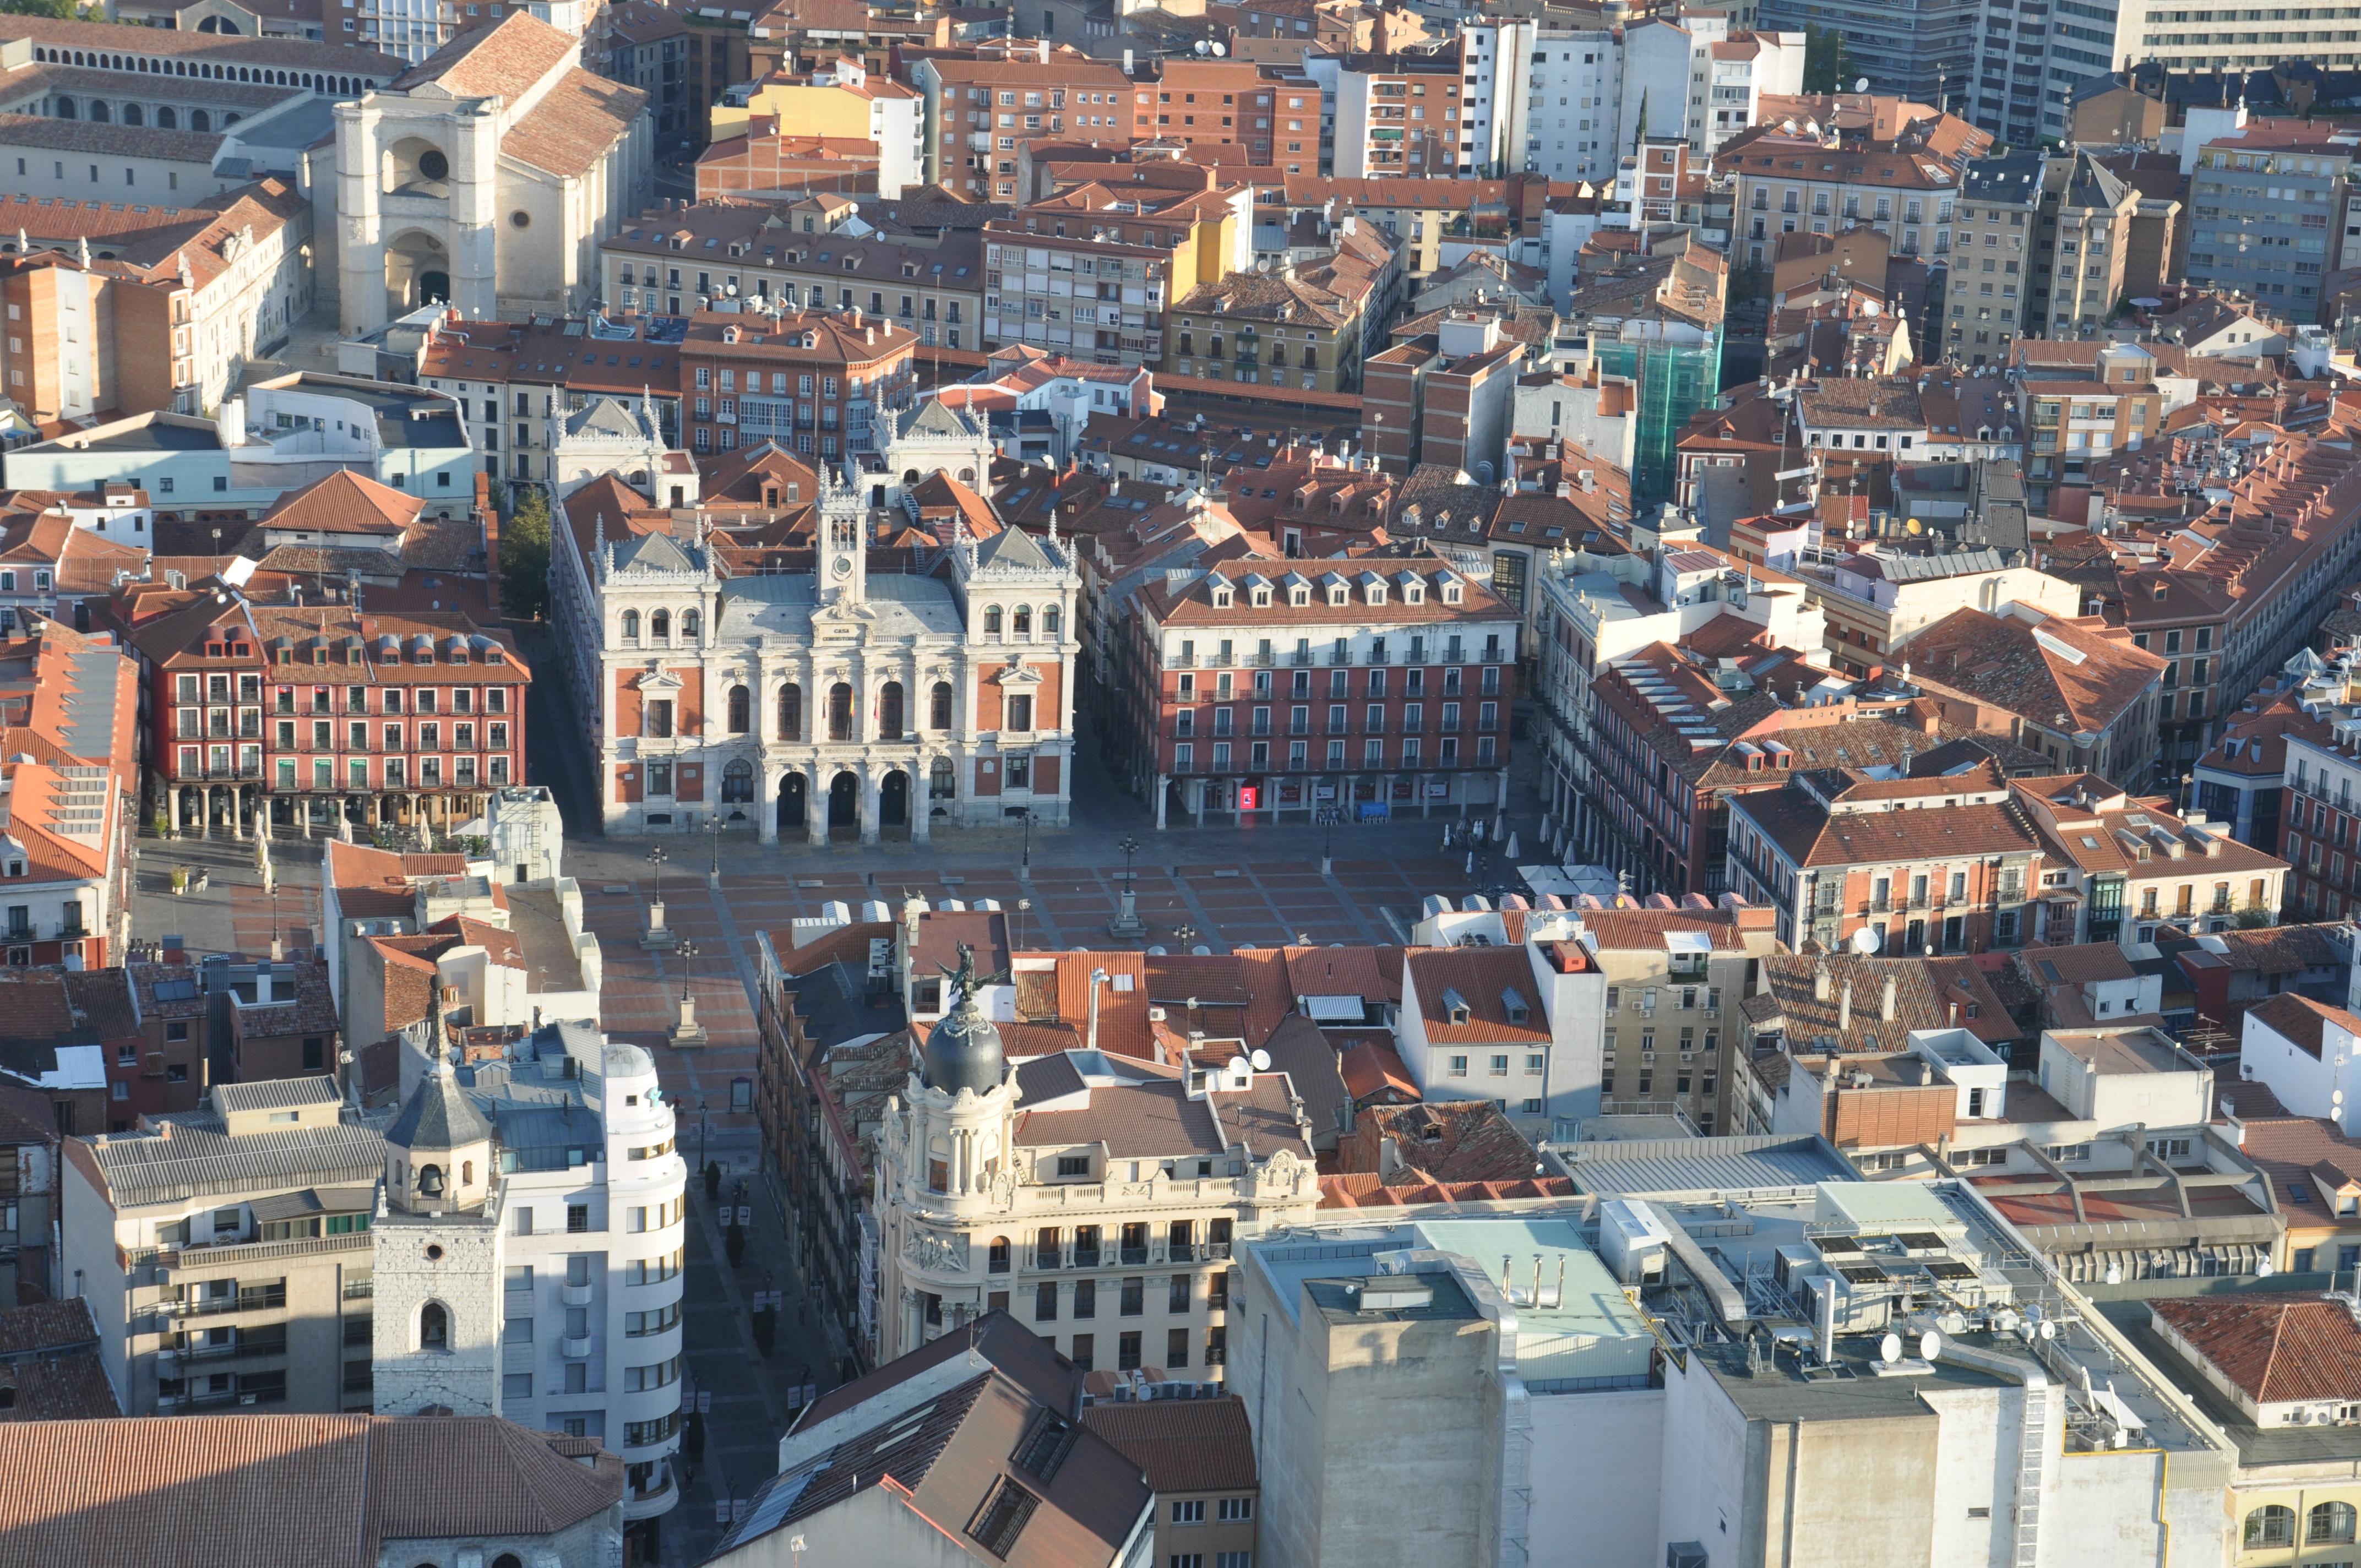 viaje intercambio de parejas paseo en Valladolid